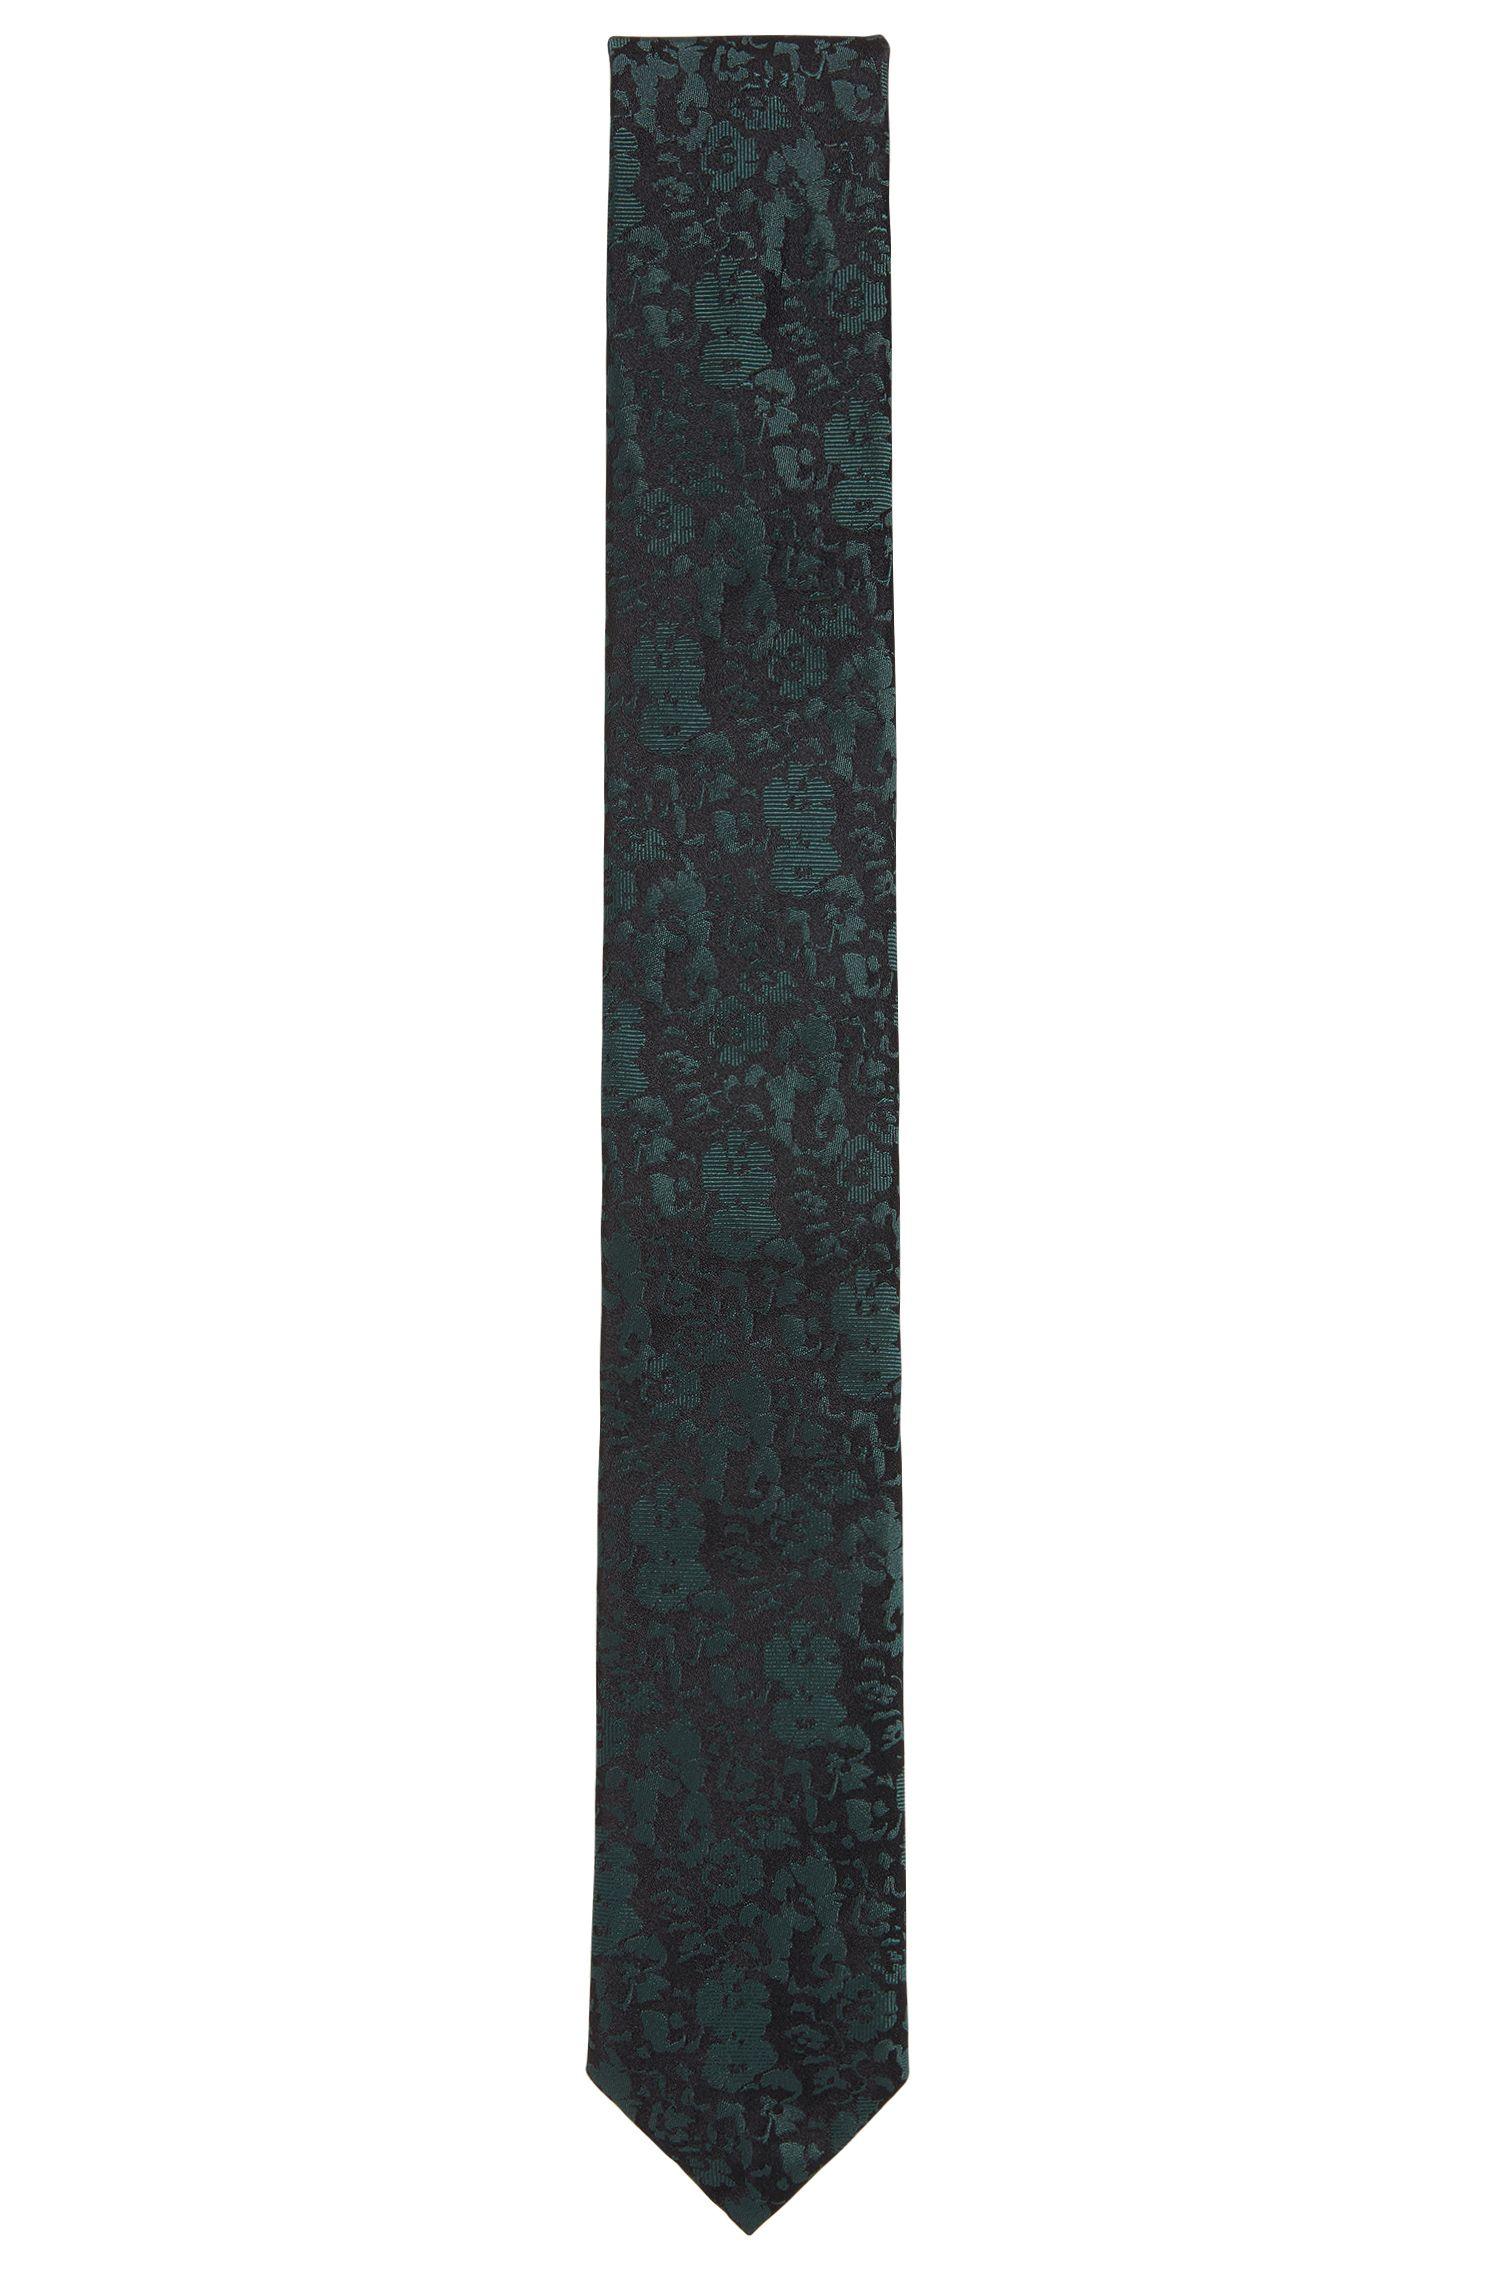 Corbata con diferentes tonos florales en jacquard de seda